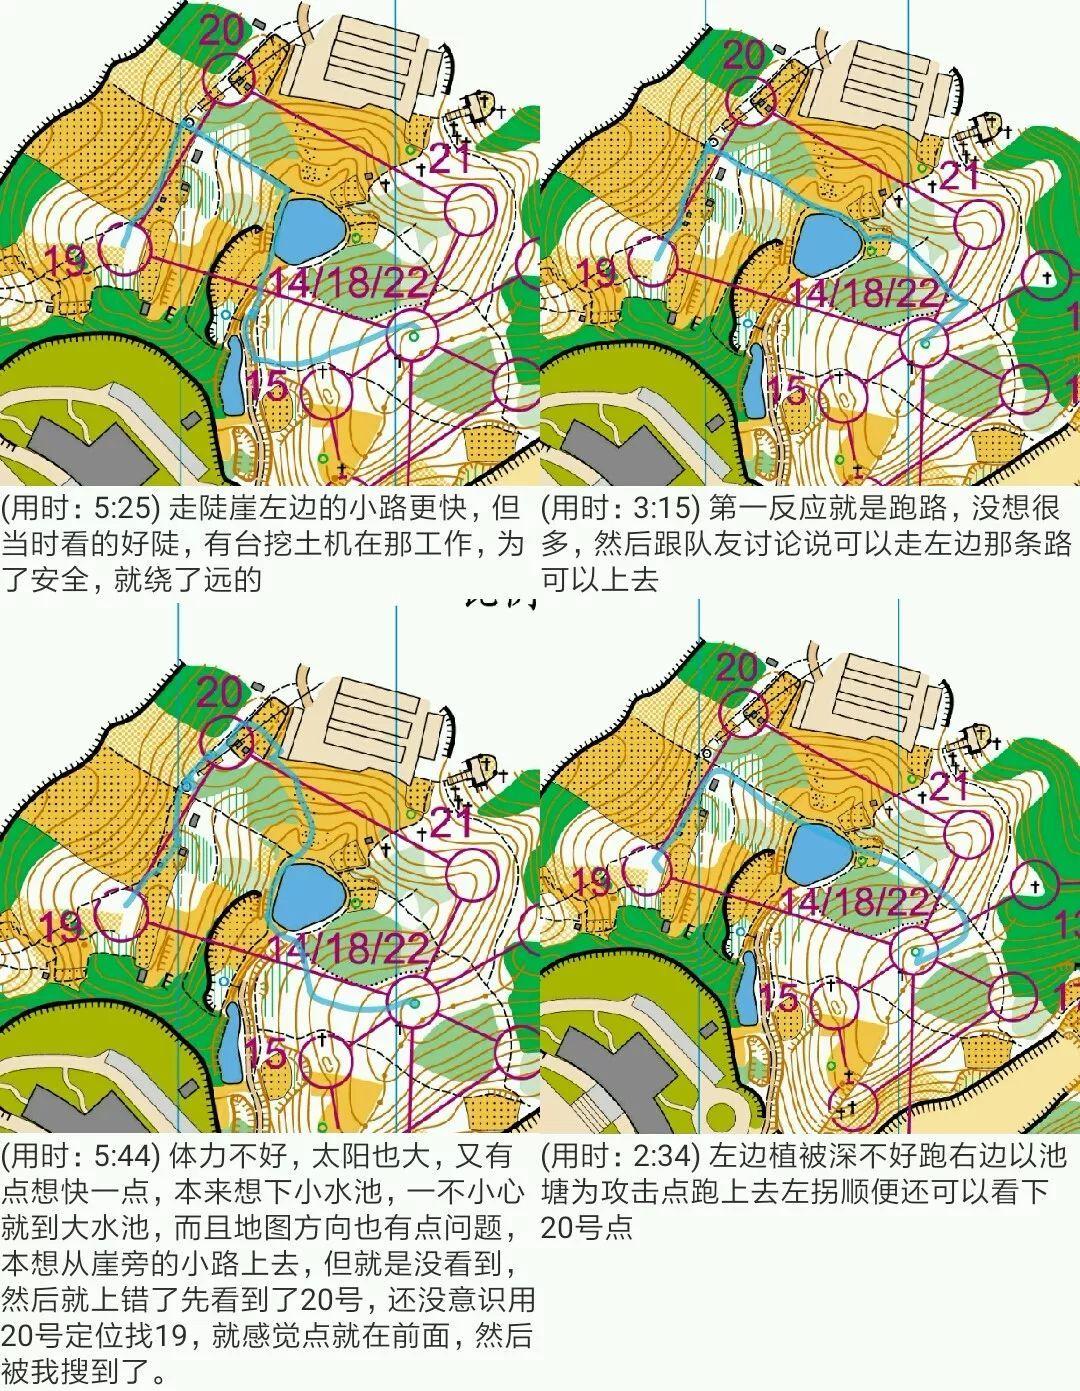 澳门太阳集团2007网站 20